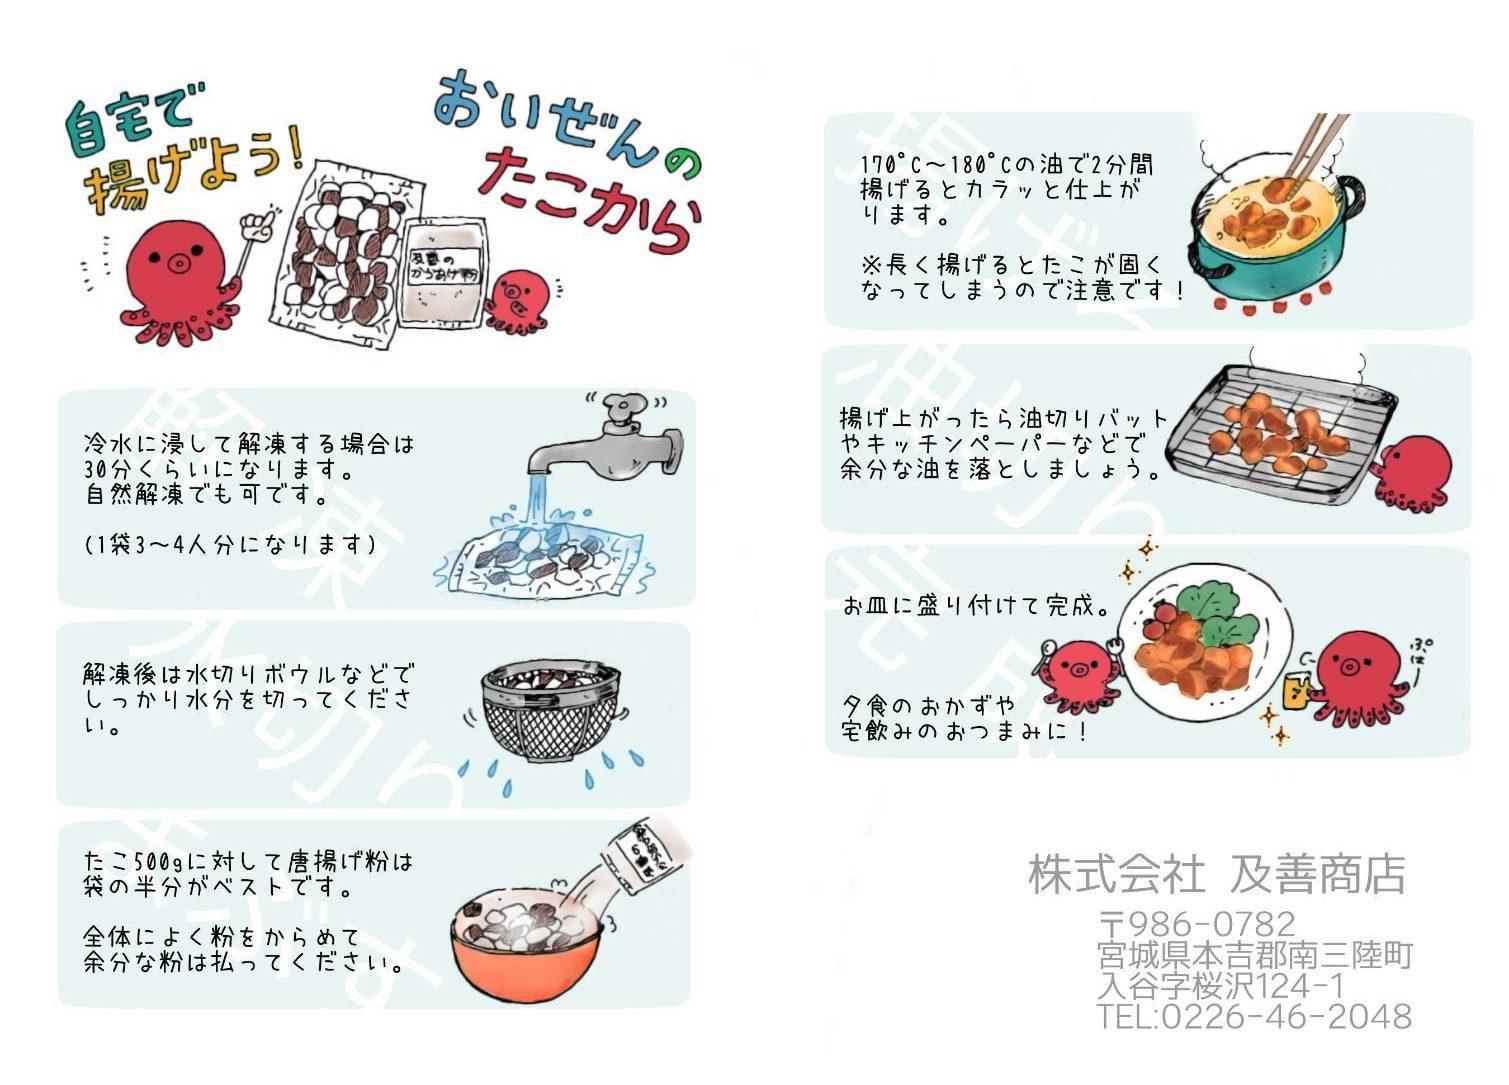 タコの唐揚げ作り方説明書